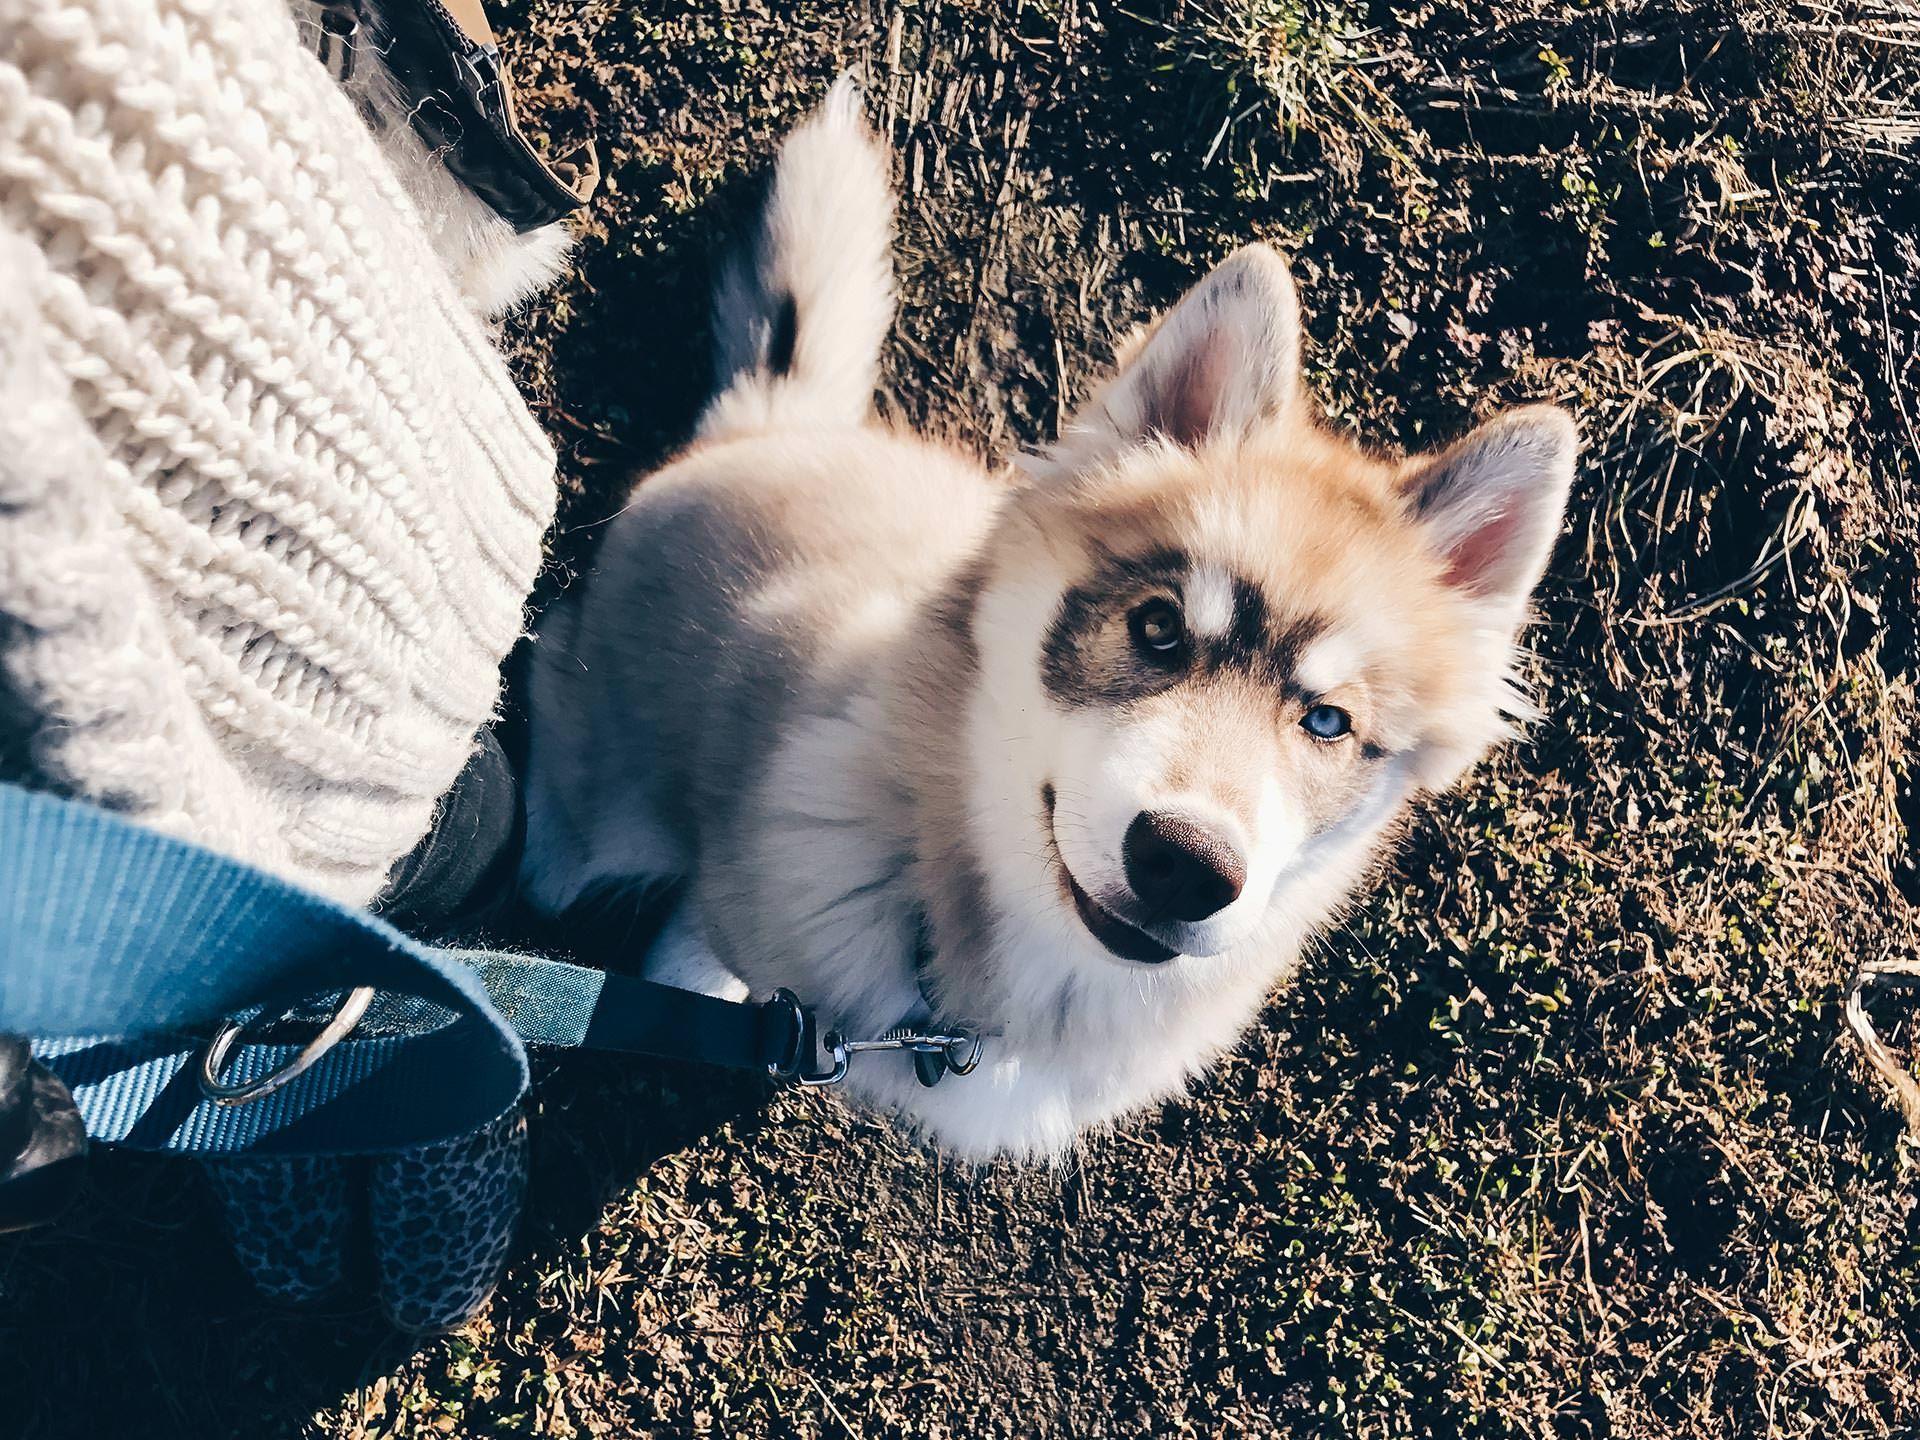 Hunde Facts Zum Sibirischen Husky Teddy Alltag Mit Hund Leben Mit Hund Hundeblog Hundeblogger Osterreich Hunde Tipps Und Tr Mit Bildern Sibirischer Husky Heiser Husky